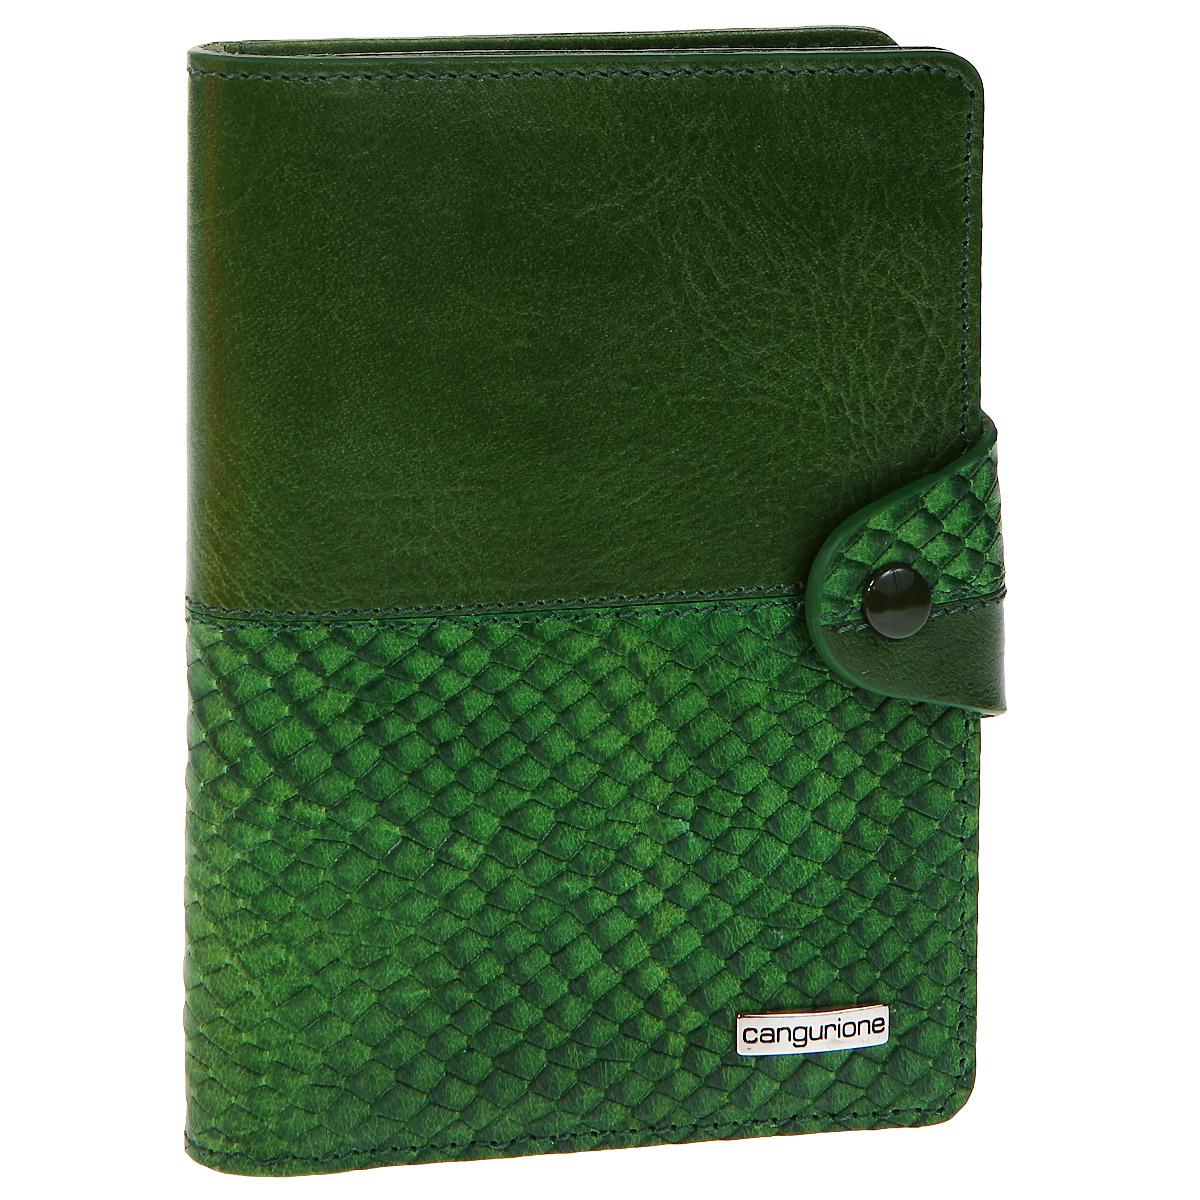 Обложка для автодокументов Cangurione, цвет: зеленый. 3341-009 DP-ANCSC-FD421005Обложка для автодокументов Cangurione выполнена из натуральной кожи зеленого цвета с декоративным тиснением под крокодила. На внутреннем развороте - 4 кармашка для пластиковых и кредитных карт, потайное отделение, окошко для фотографии и два кармашка для документов. Обложка закрывается при помощи хлястика на кнопку. Обложка не только поможет сохранить внешний вид ваших документов и защитит их от повреждений, но и станет стильным аксессуаром, который подчеркнет ваш неповторимый стиль. Обложка упакована в коробку из плотного картона с логотипом фирмы. Характеристики:Материал: натуральная кожа, металл. Цвет: зеленый. Размер обложки: 10 см х 13,5 см х 1,5 см. Размер упаковки: 11,5 см х 15,5 см х 2 см. Артикул: 3341-009 DP-ANC/Green.